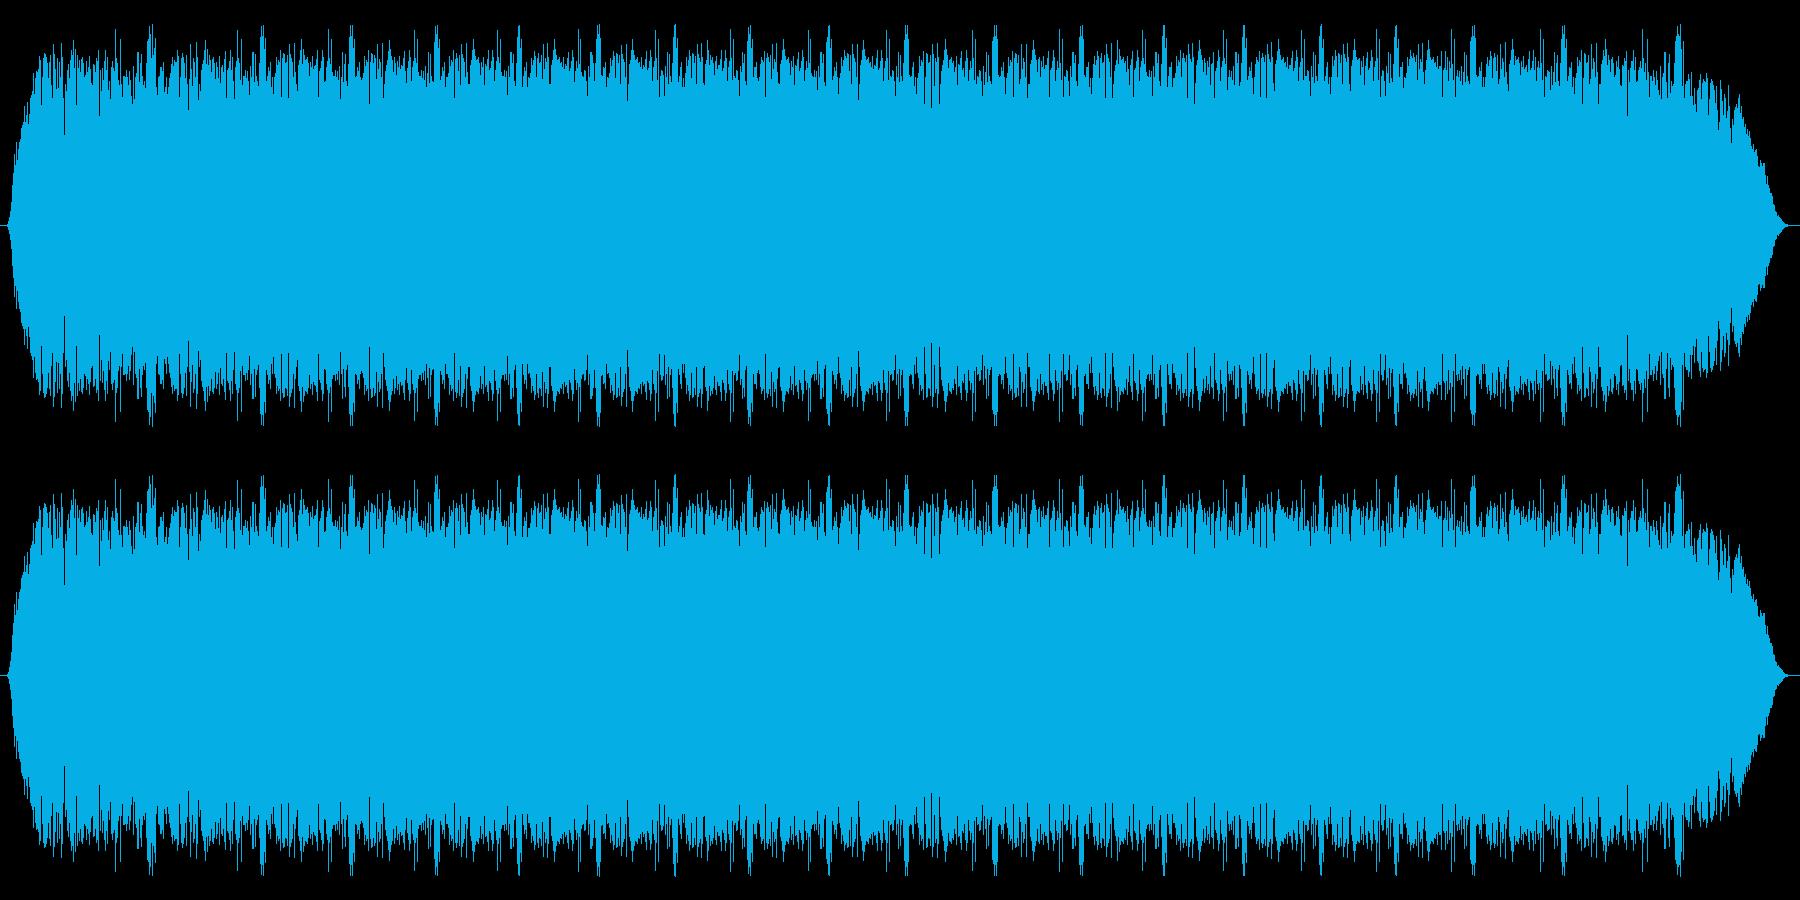 SNES レース02-01(エンジン)の再生済みの波形